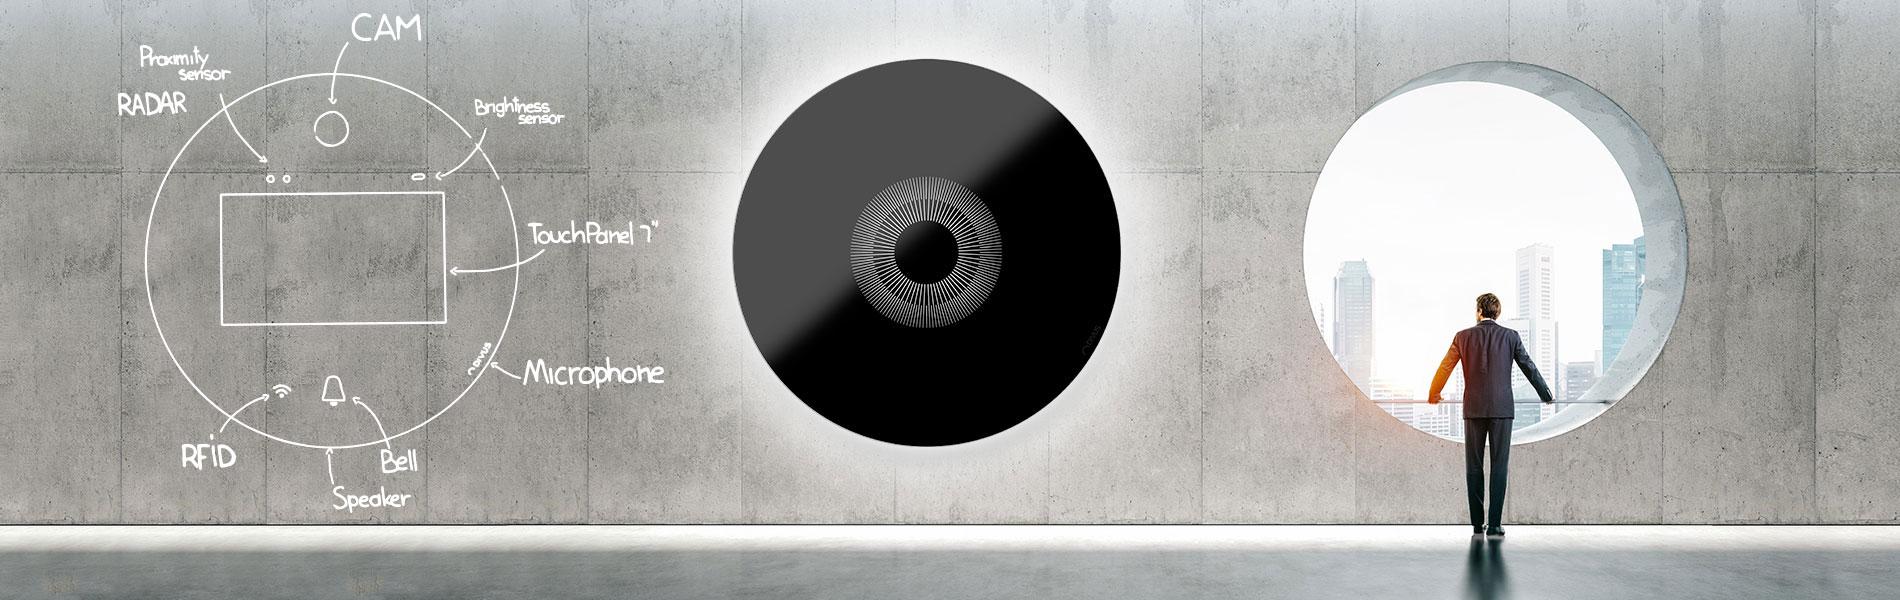 circle_beton-slider1-1900px-cam